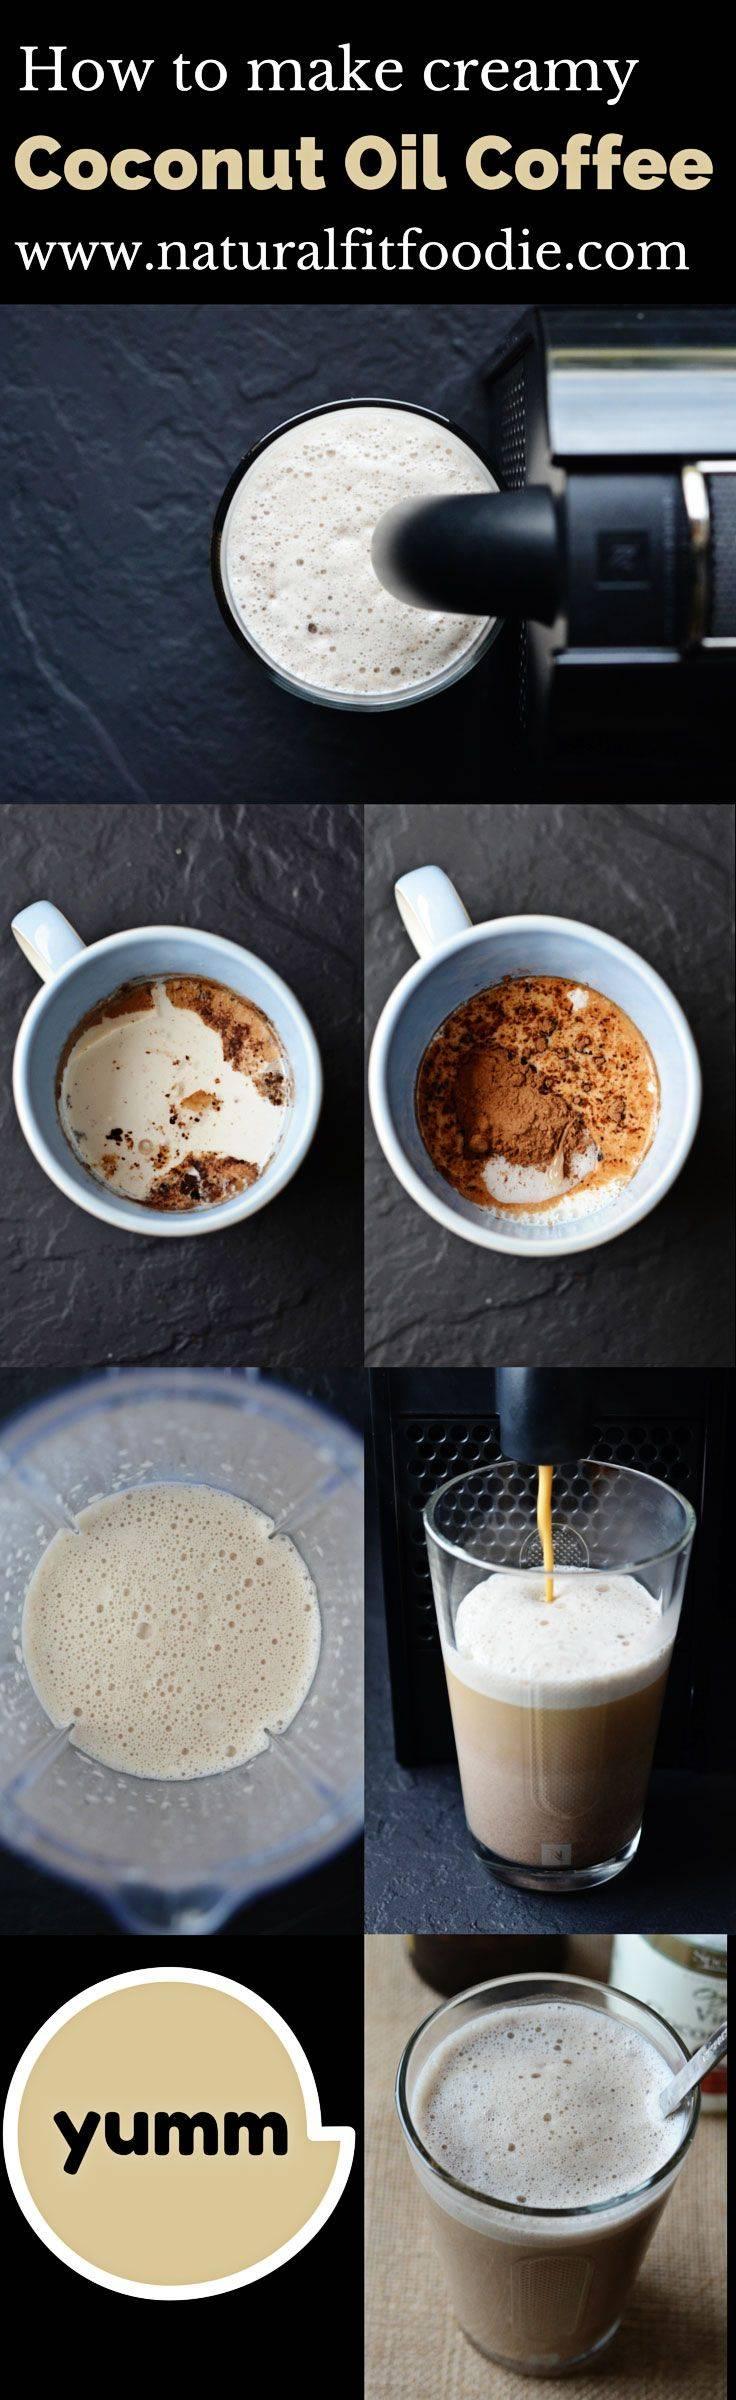 Кофе на молоке: как варить в турке, способы приготовить, рецепты